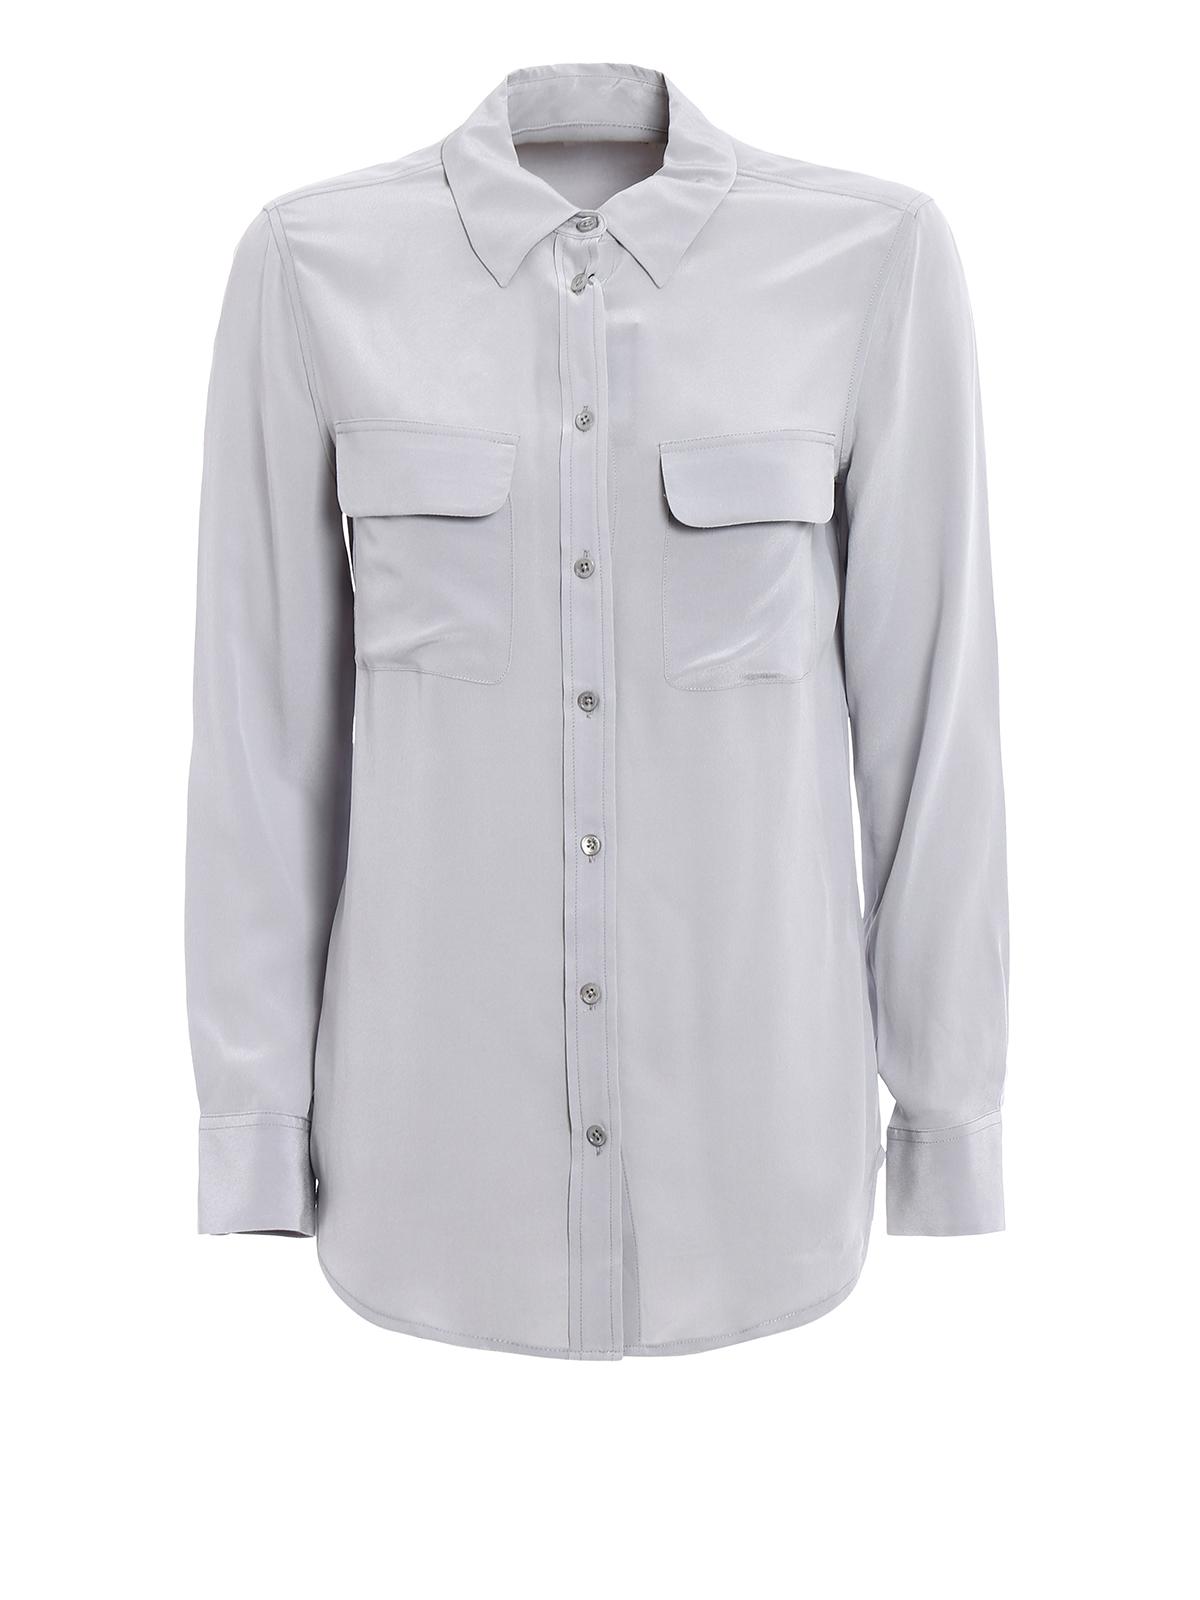 Slim signature silk shirt by equipment shirts ikrix for Equipment signature silk shirt